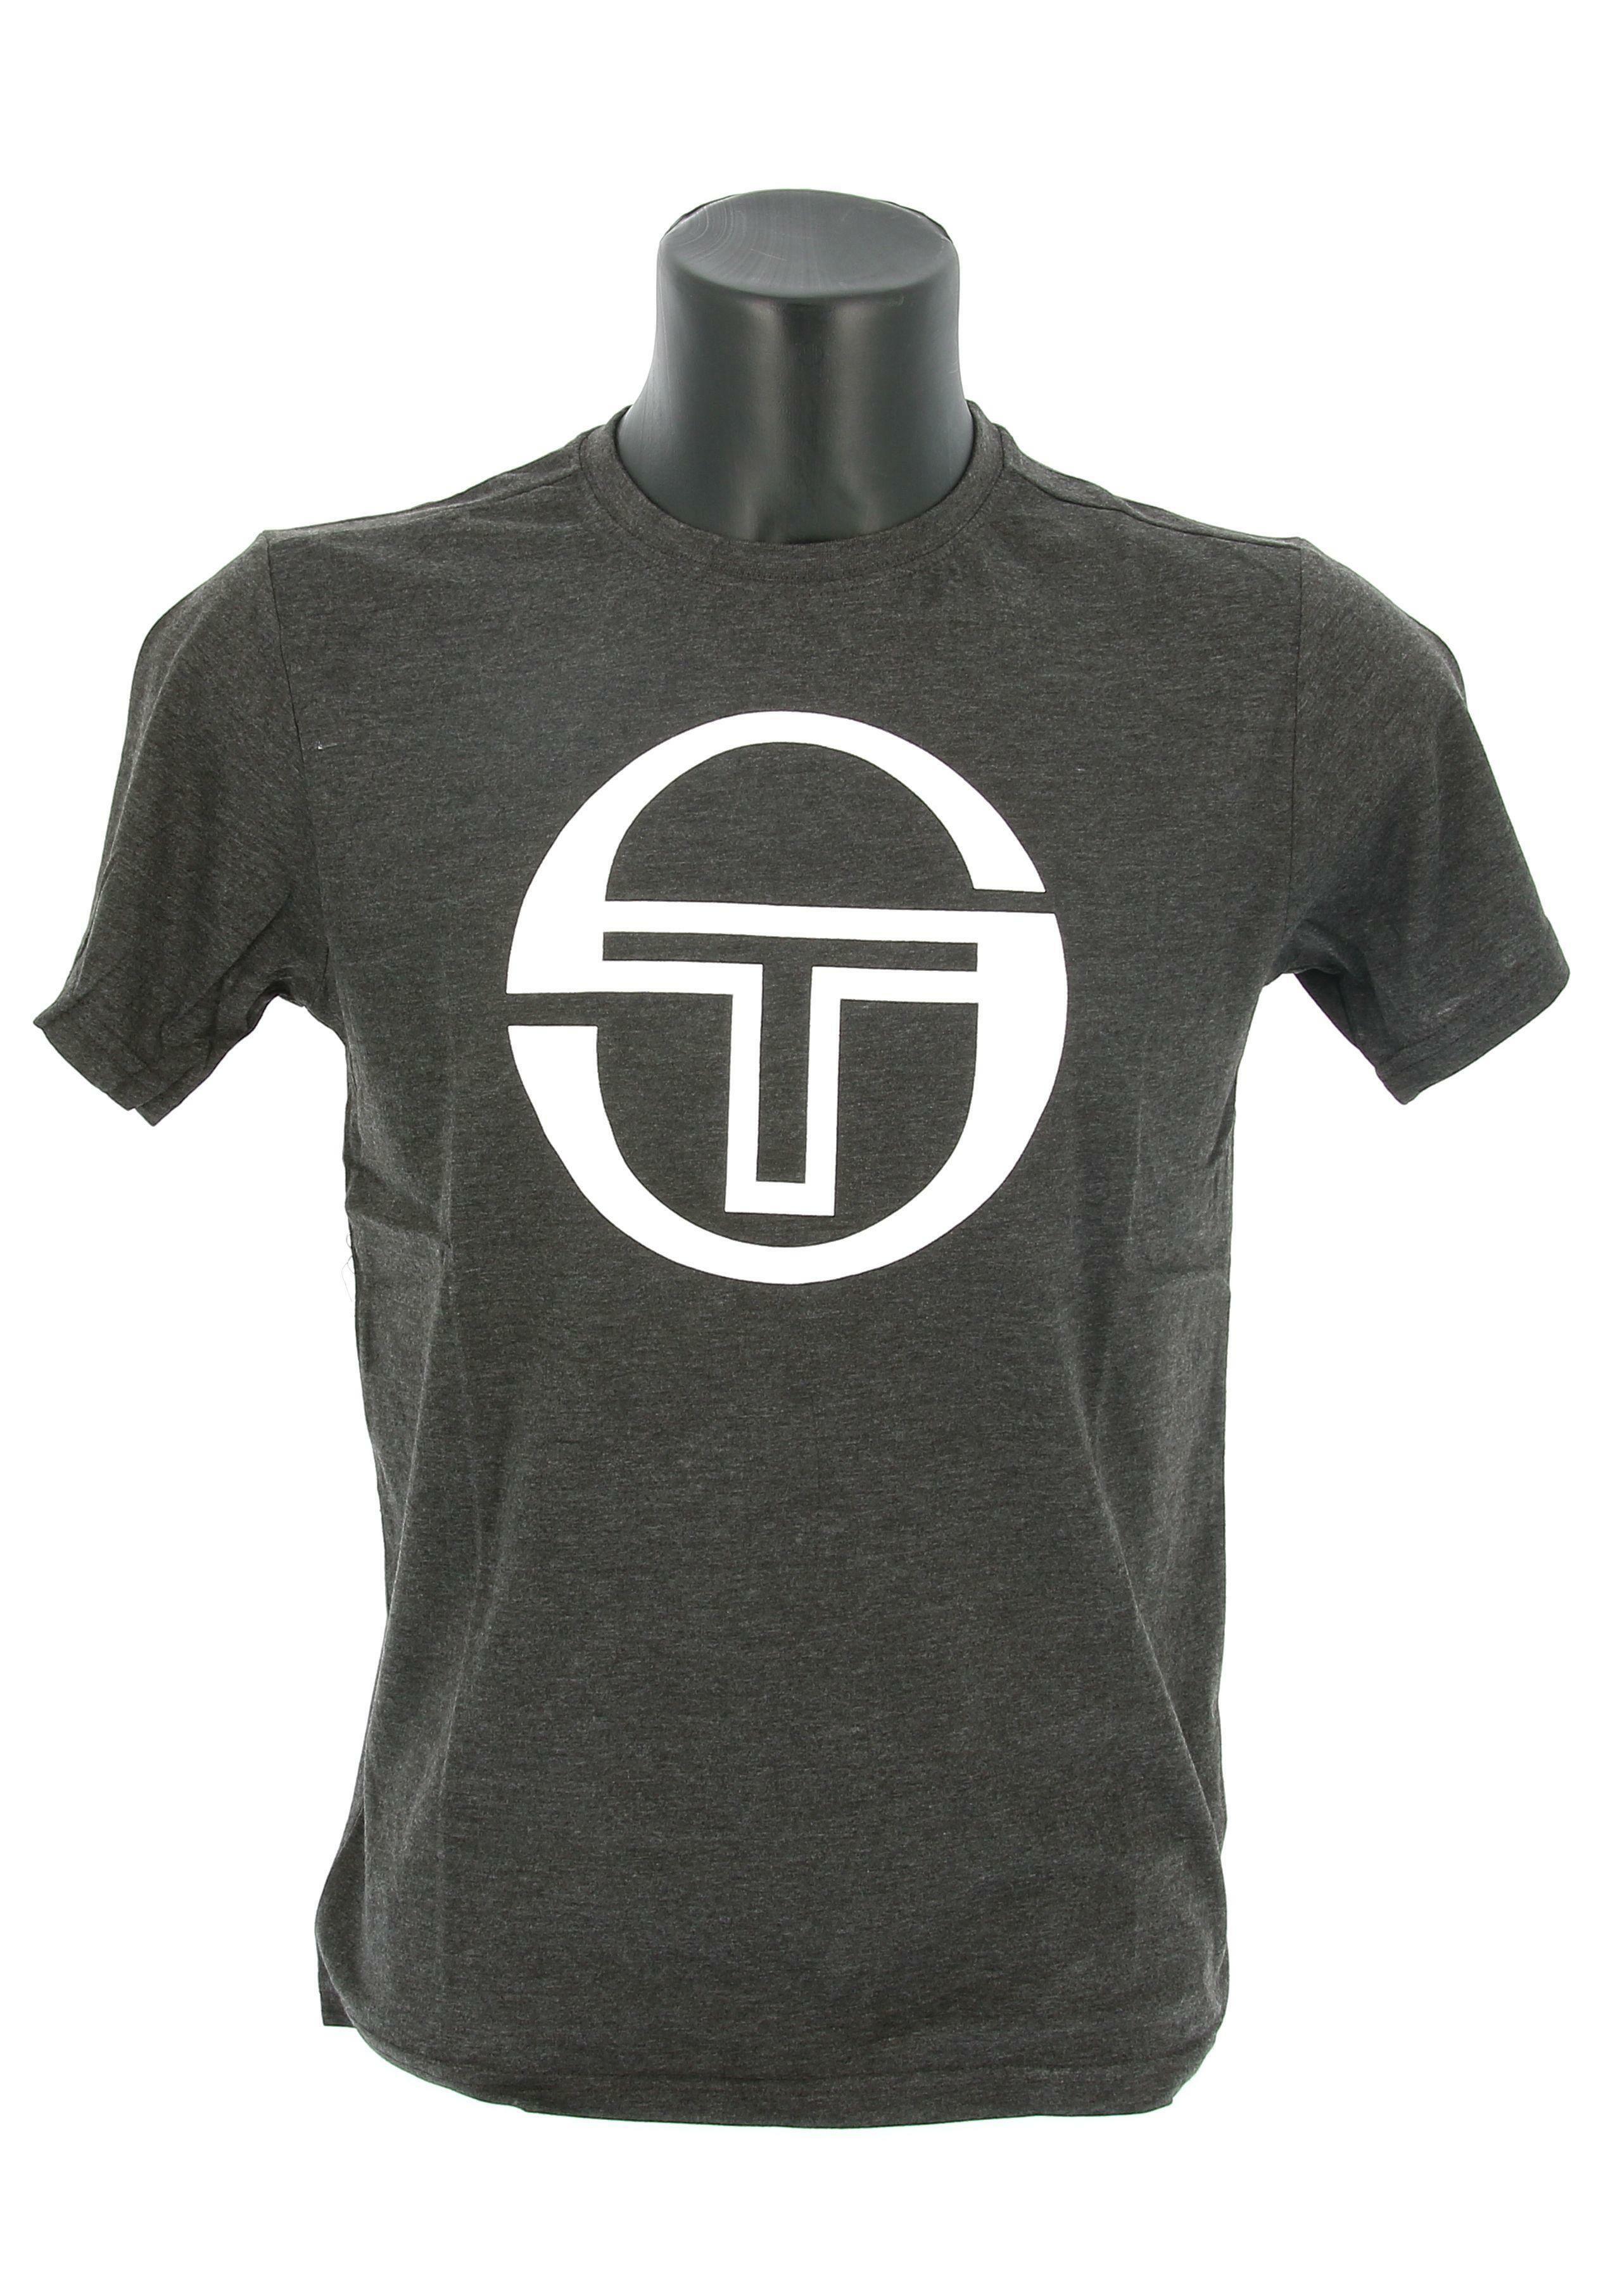 sergio tacchini sergio tacchini ss t-shirt stadium 10008  manica corta uomo grigio scuro